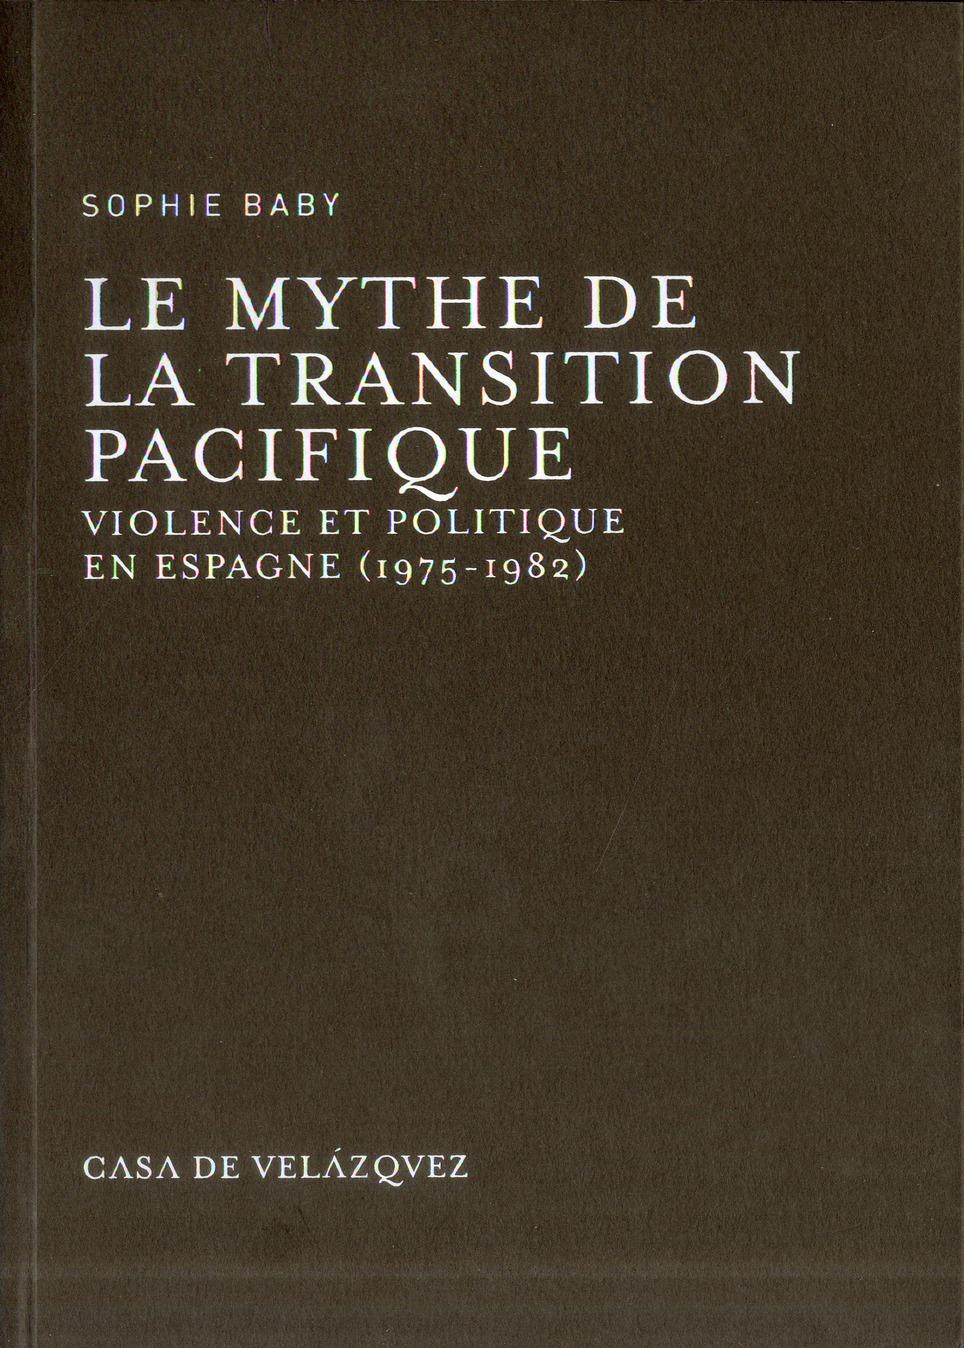 Mythe de la transition pacifique